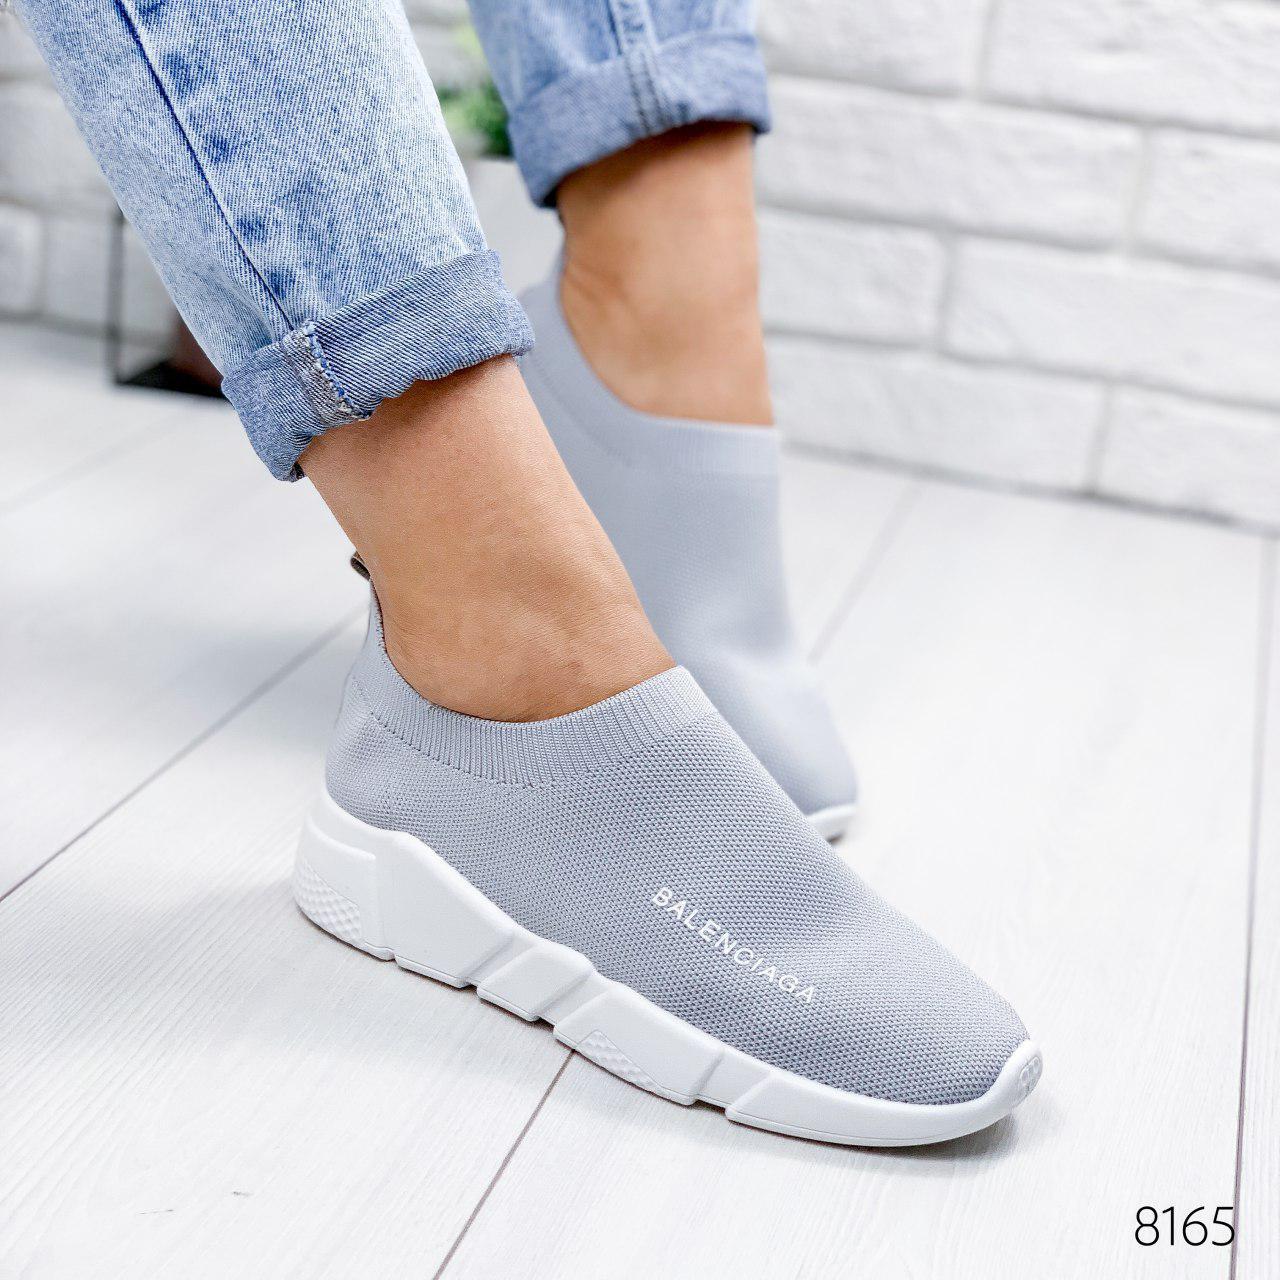 """Кроссовки женские в стиле """"Balenciaga"""" серого цвета из текстиля. Кеды женские. Мокасины женские. Обувь женская"""